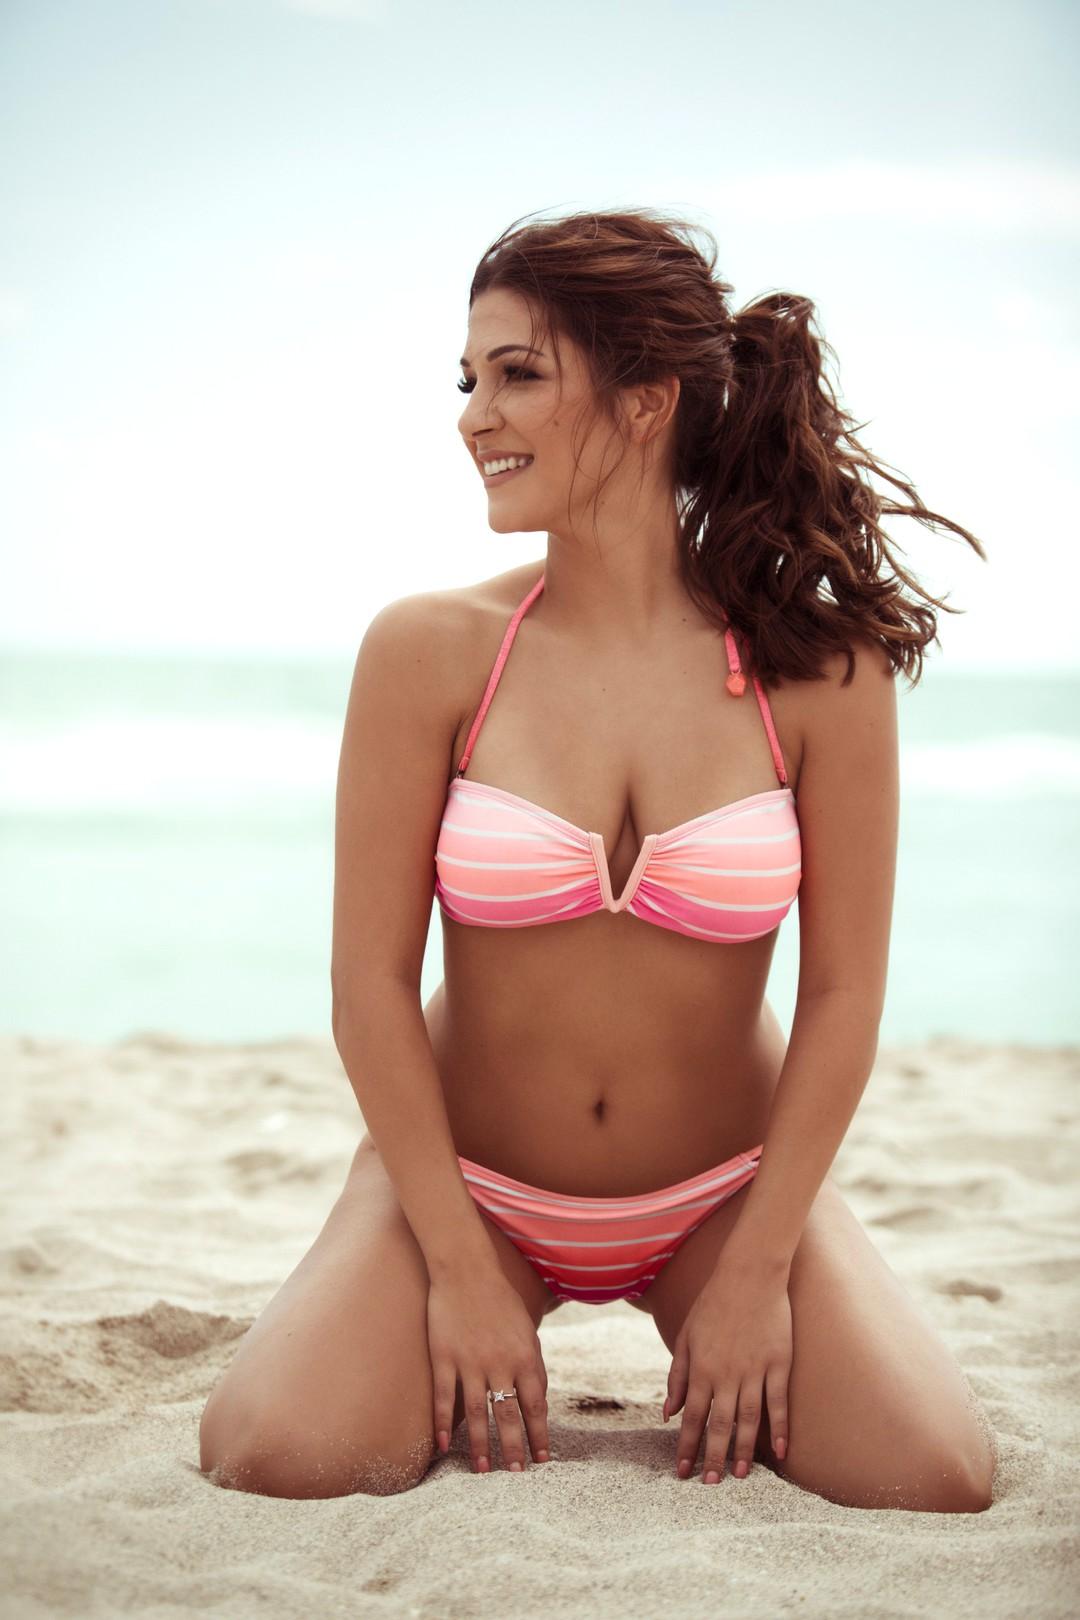 Der Bachelor 2017: Alle Kandidatinnen im Bikini - Bild 14 von 23